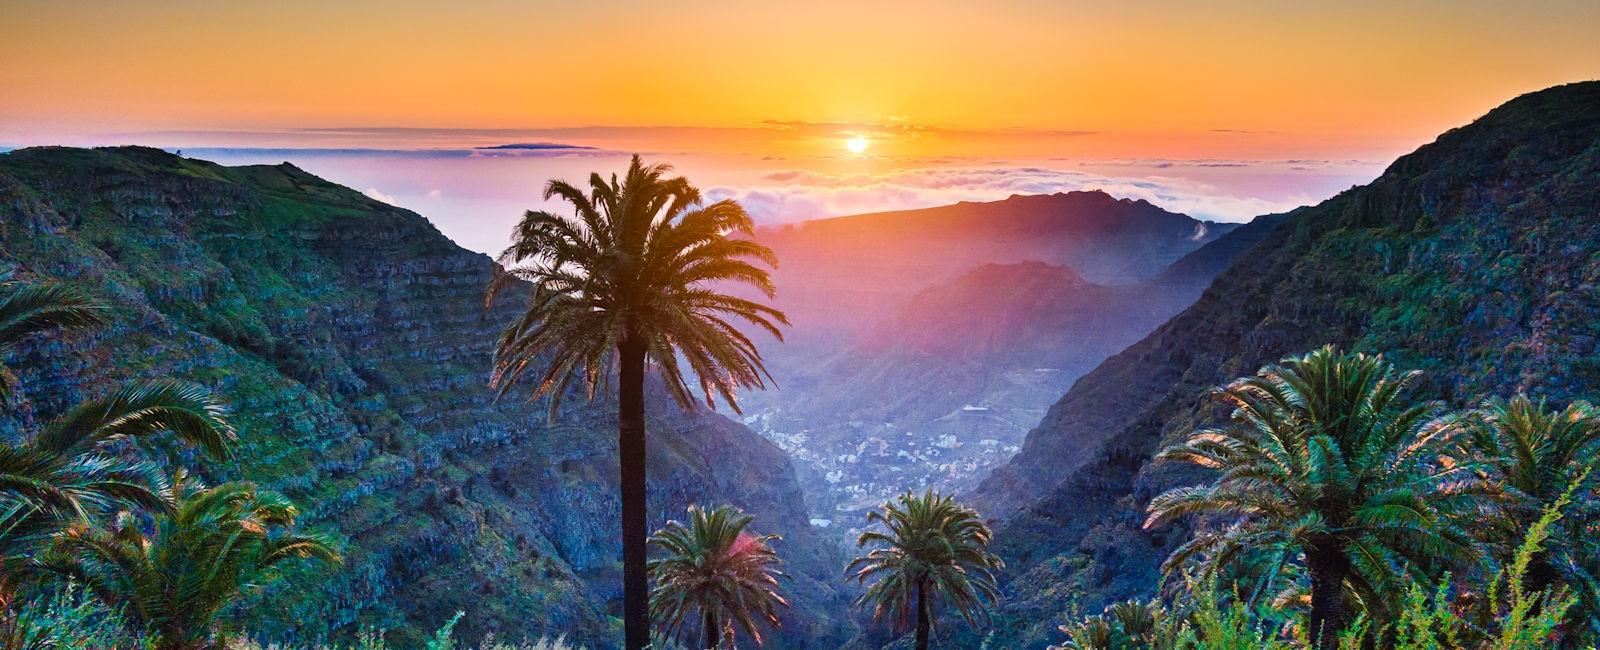 Tenerife second image